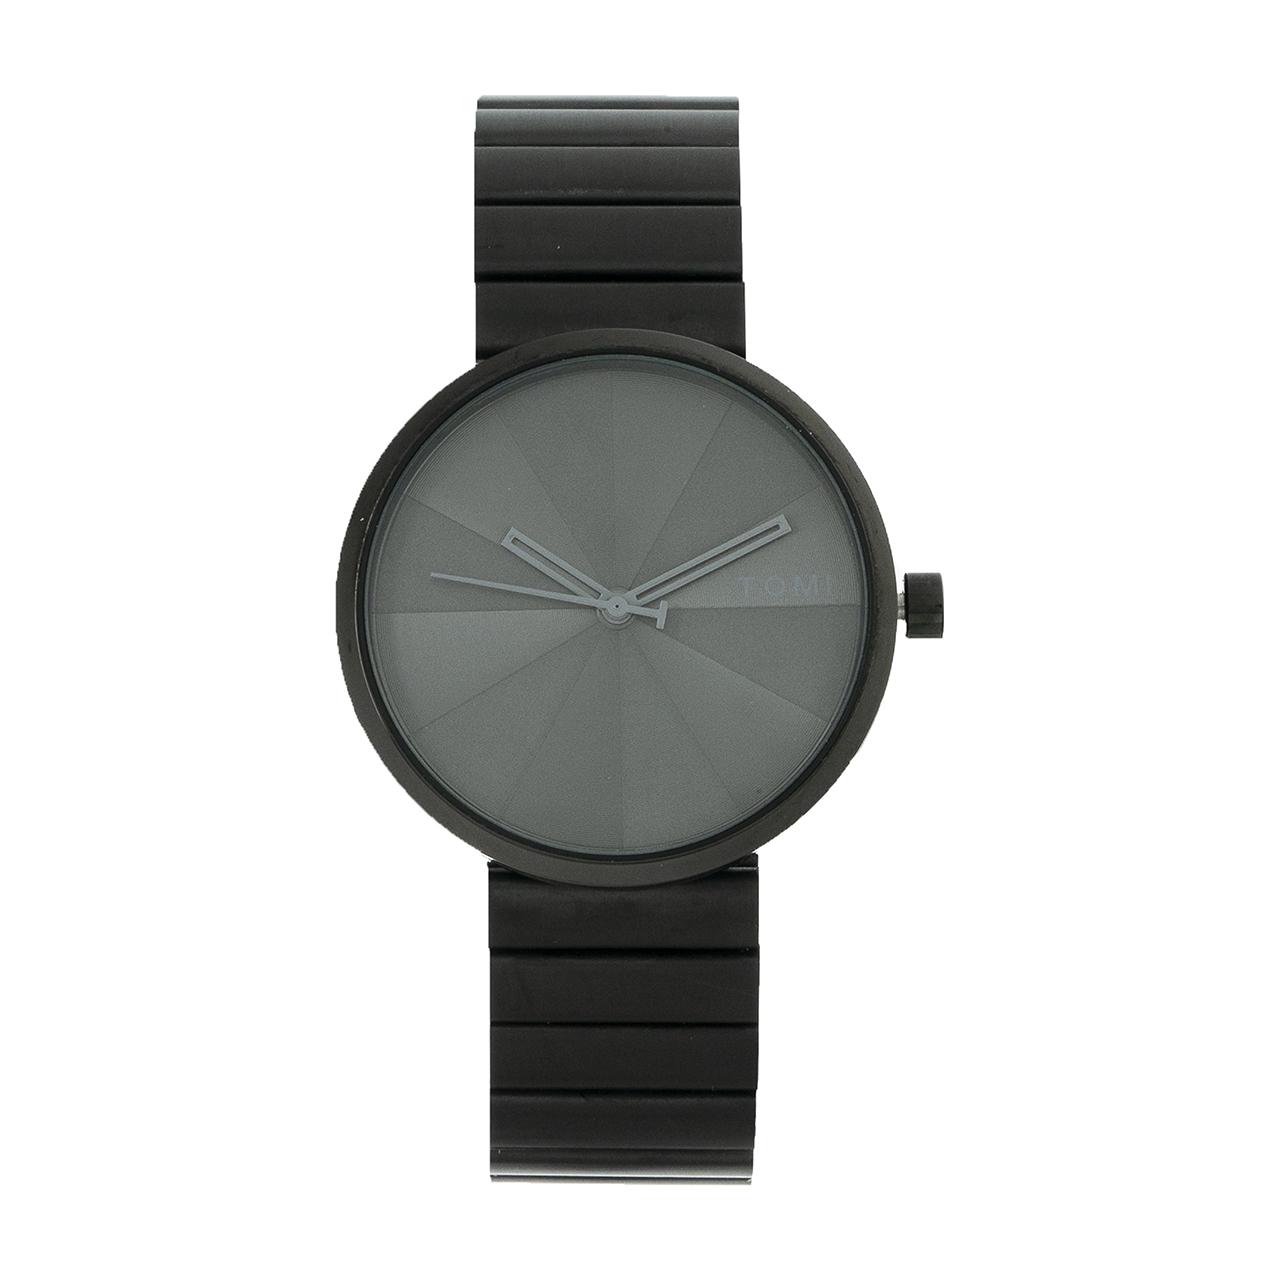 ساعت مچی عقربه ای مردانه تامی مدل 014 رنگ مشکی